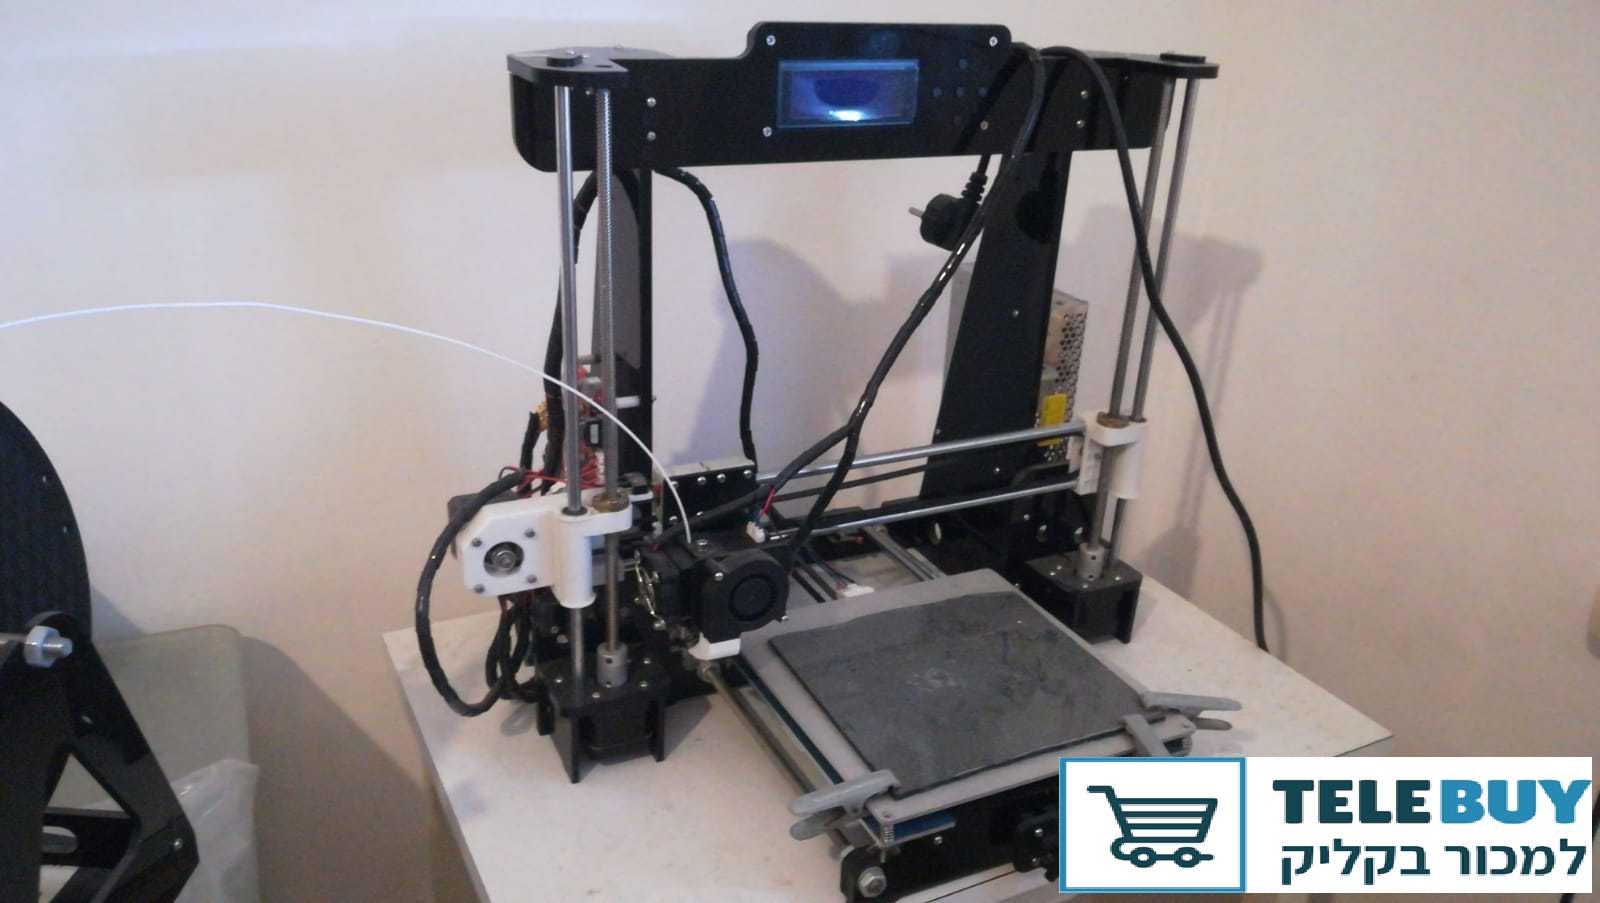 מחשבים ואביזרים נלווים סורקים ומדפסות מדפסת תלת מימד באשדוד ואשקלון